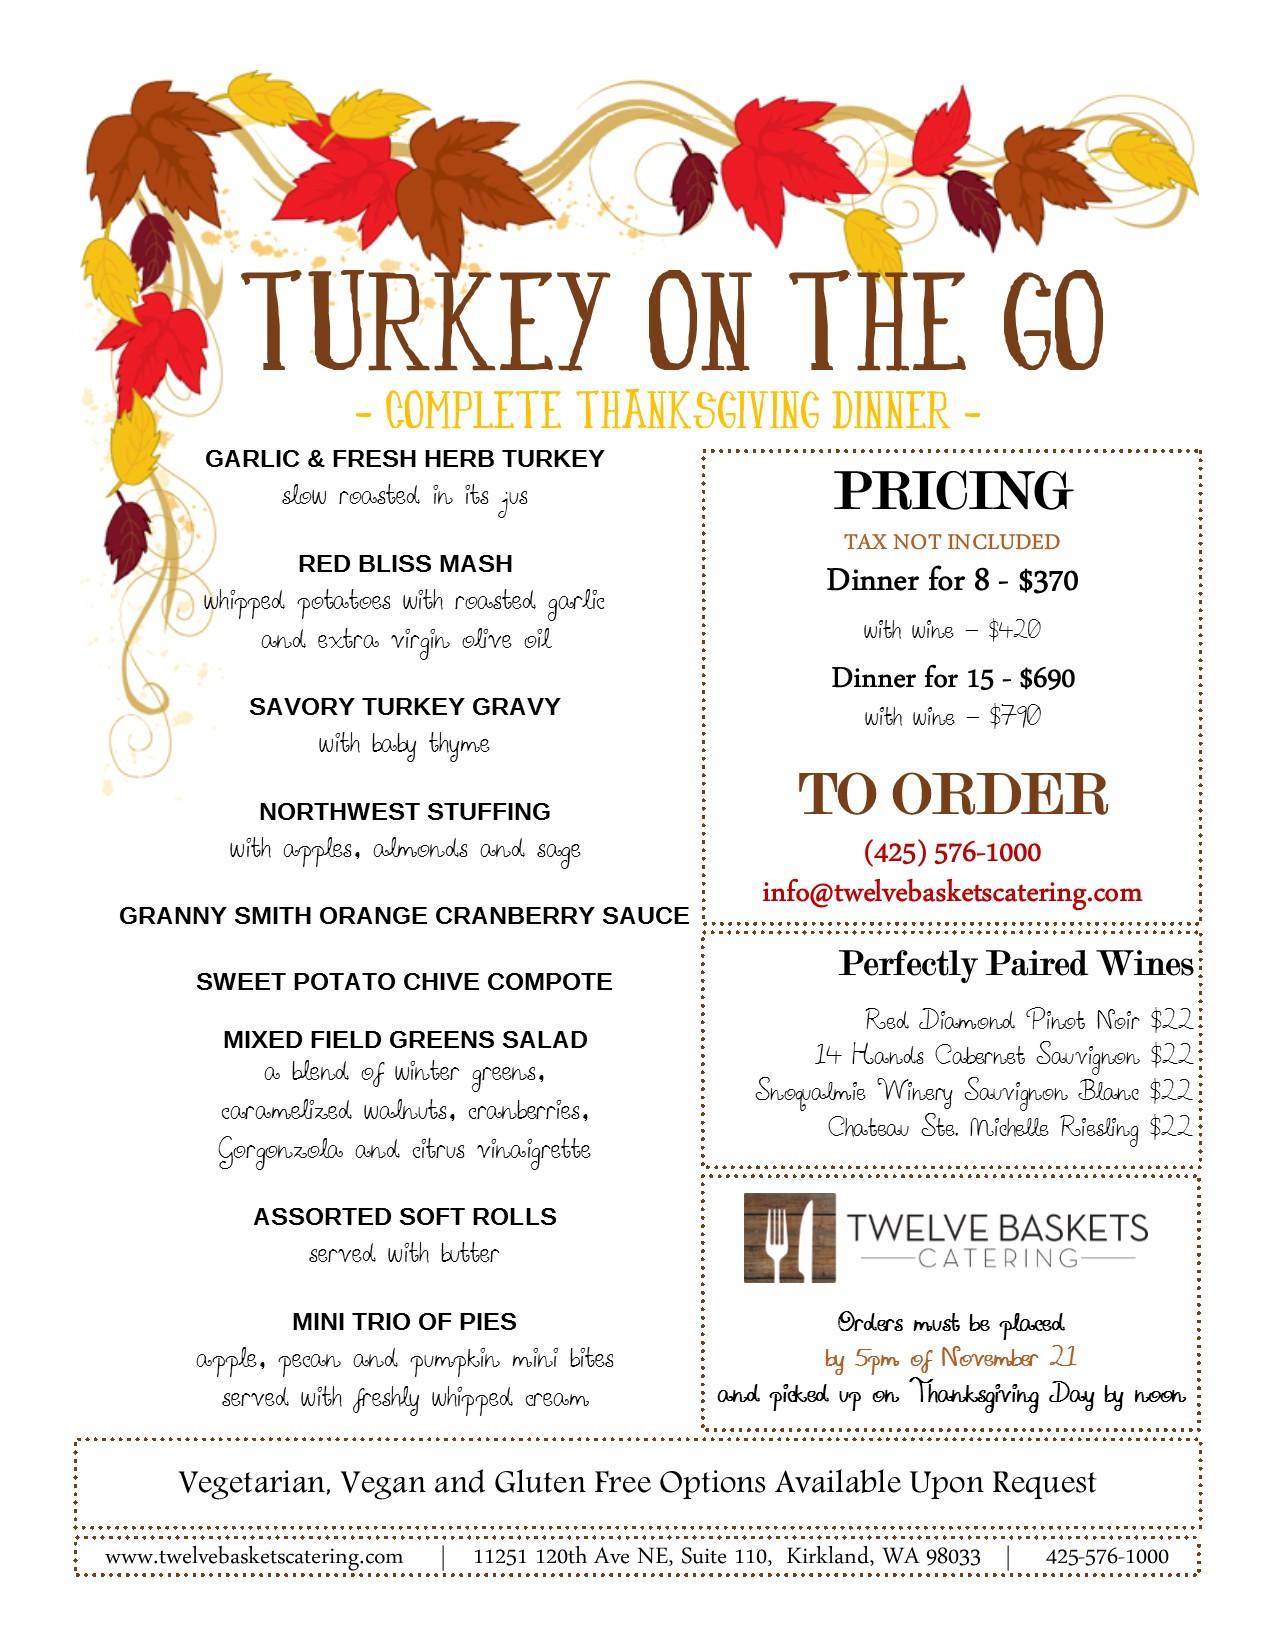 Thanksgiving Dinner To Go  Turkey The Go – plete Thanksgiving Dinner from